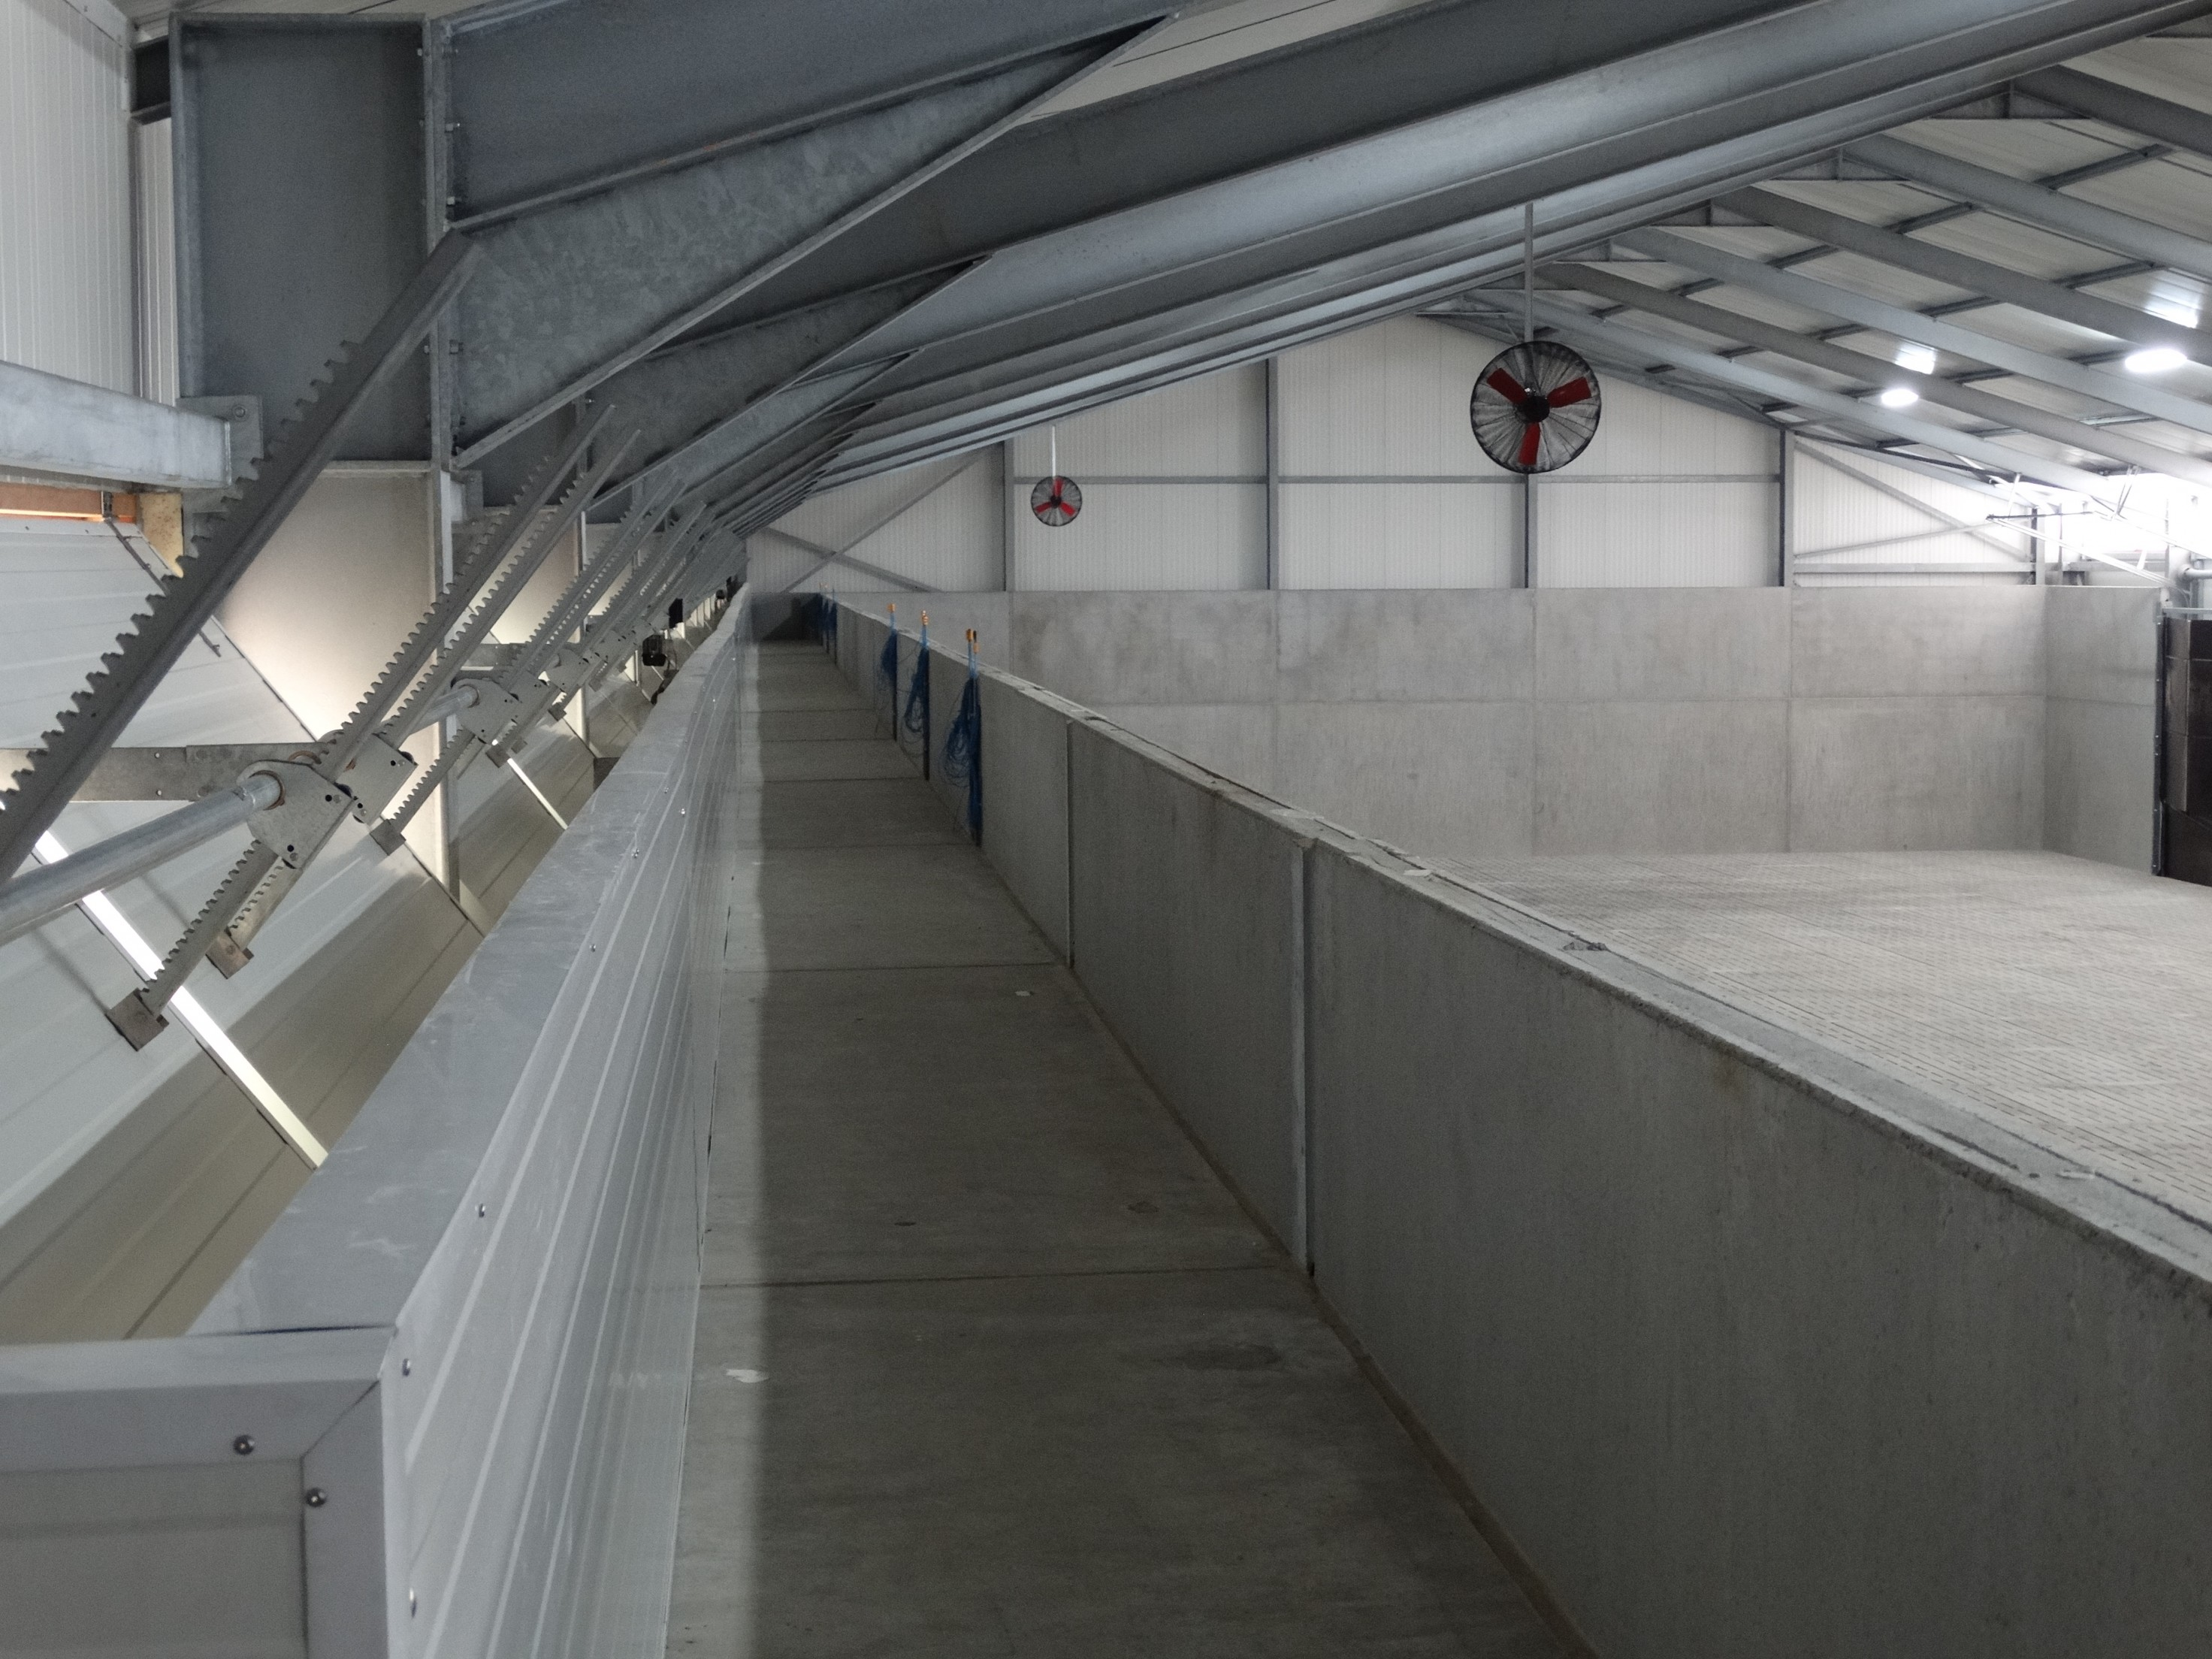 lefevre-Rosseignies-aardappelloods_hangar stockage pommes de terre (14).JPG